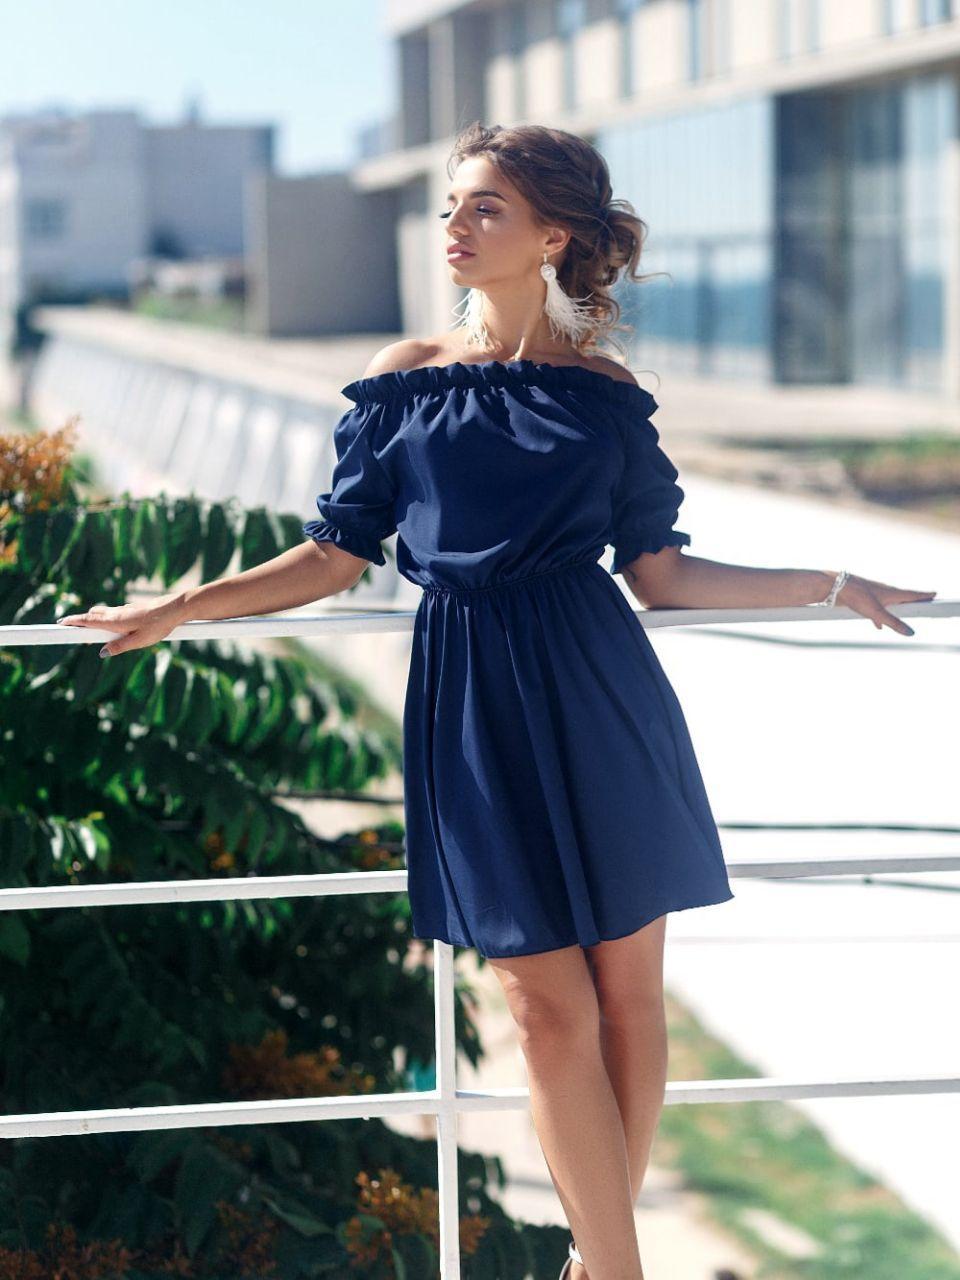 Женско платье. Ткань - супер софт Цвета - голубой, красный, мята,молочный, бежевый,черный. Размер 42-44, 46-48